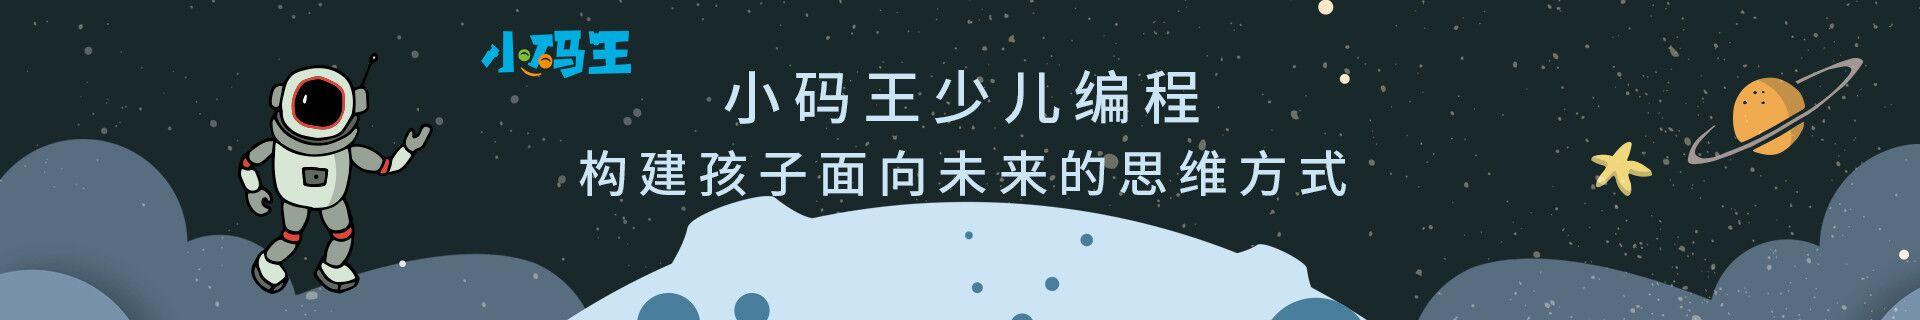 杭州深蓝广场小码王编程培训机构